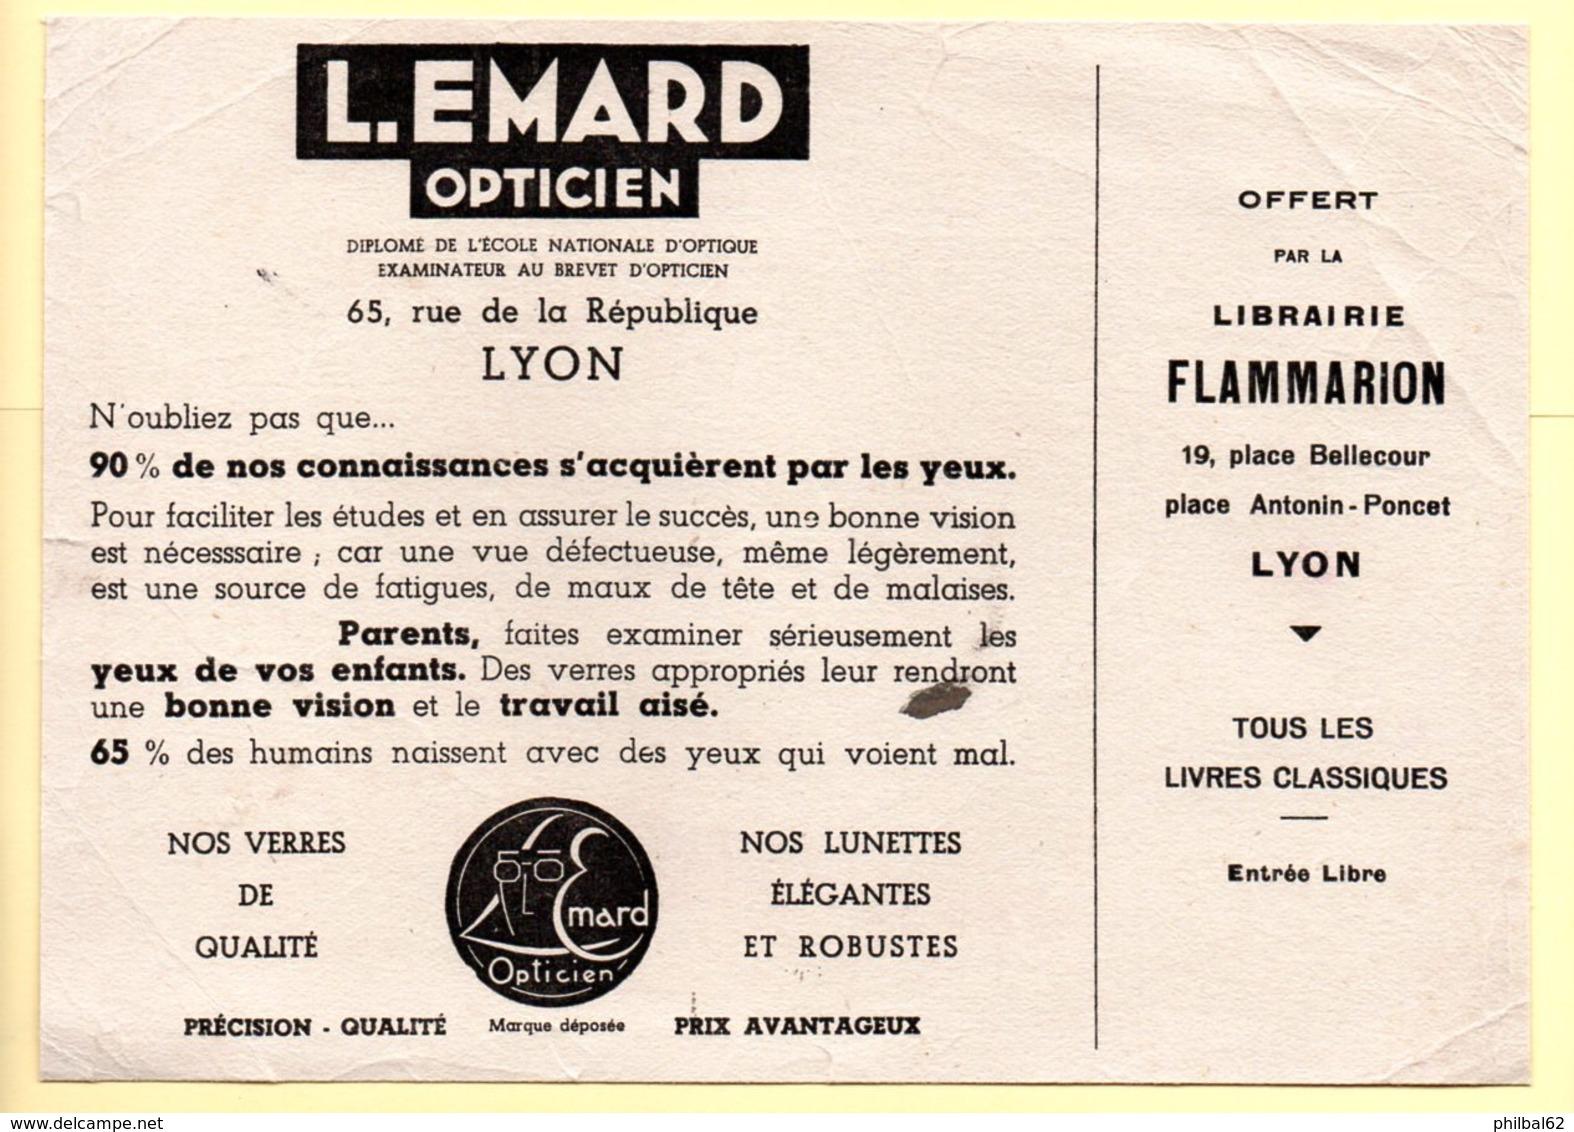 Buvard Opticien L.Emard à Lyon. Offert Par La Librairie Flammarion. - Buvards, Protège-cahiers Illustrés